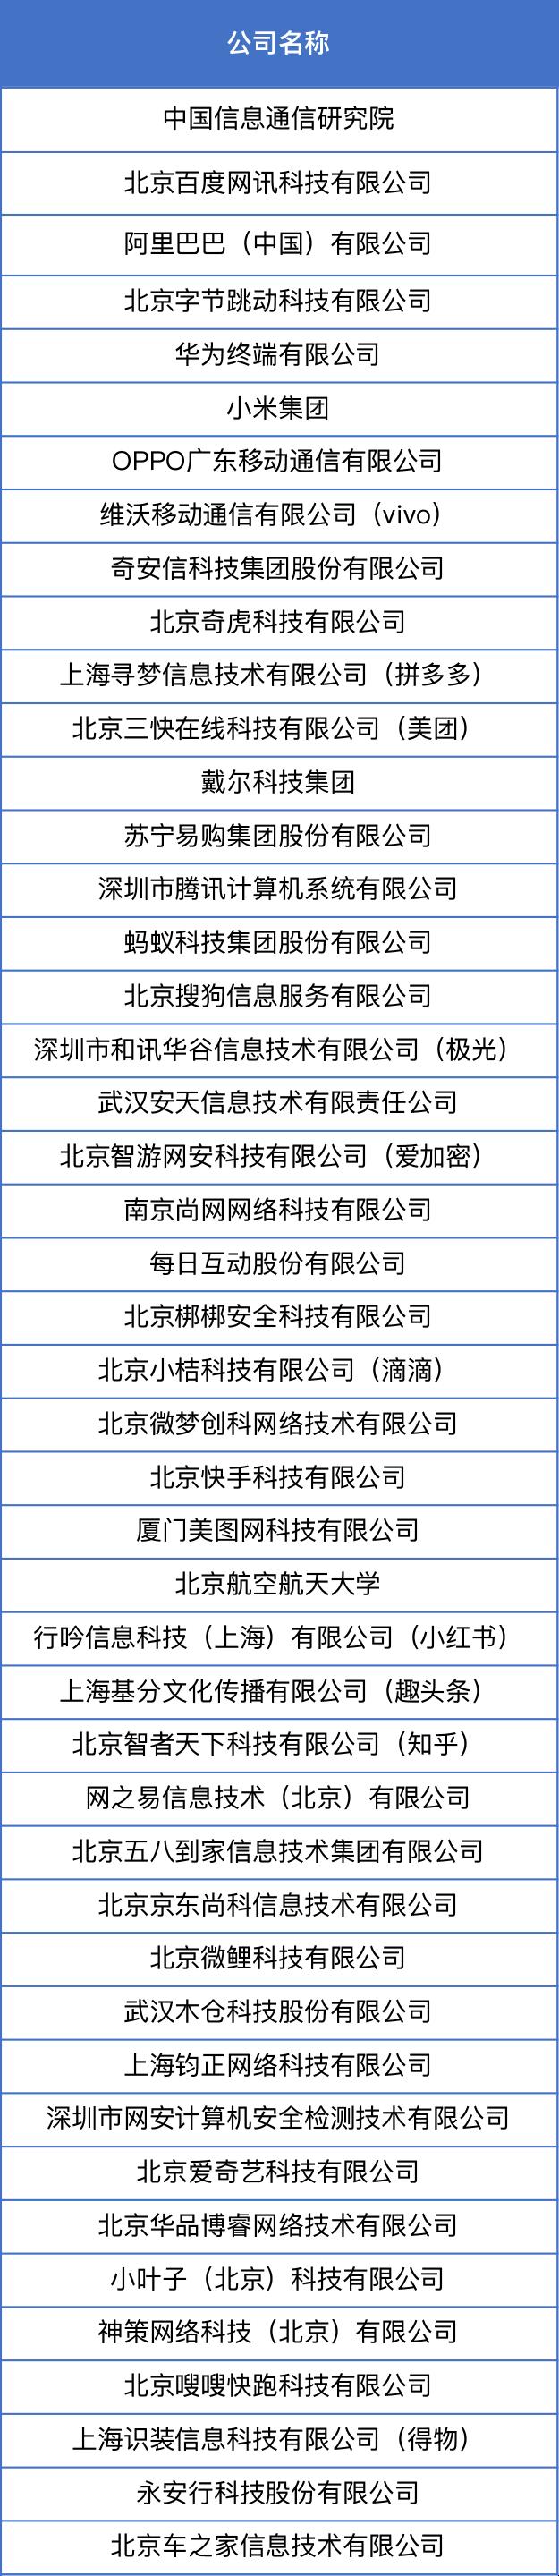 中国互联网协会移动互联网工作委员会第二届委员会成员单位名单